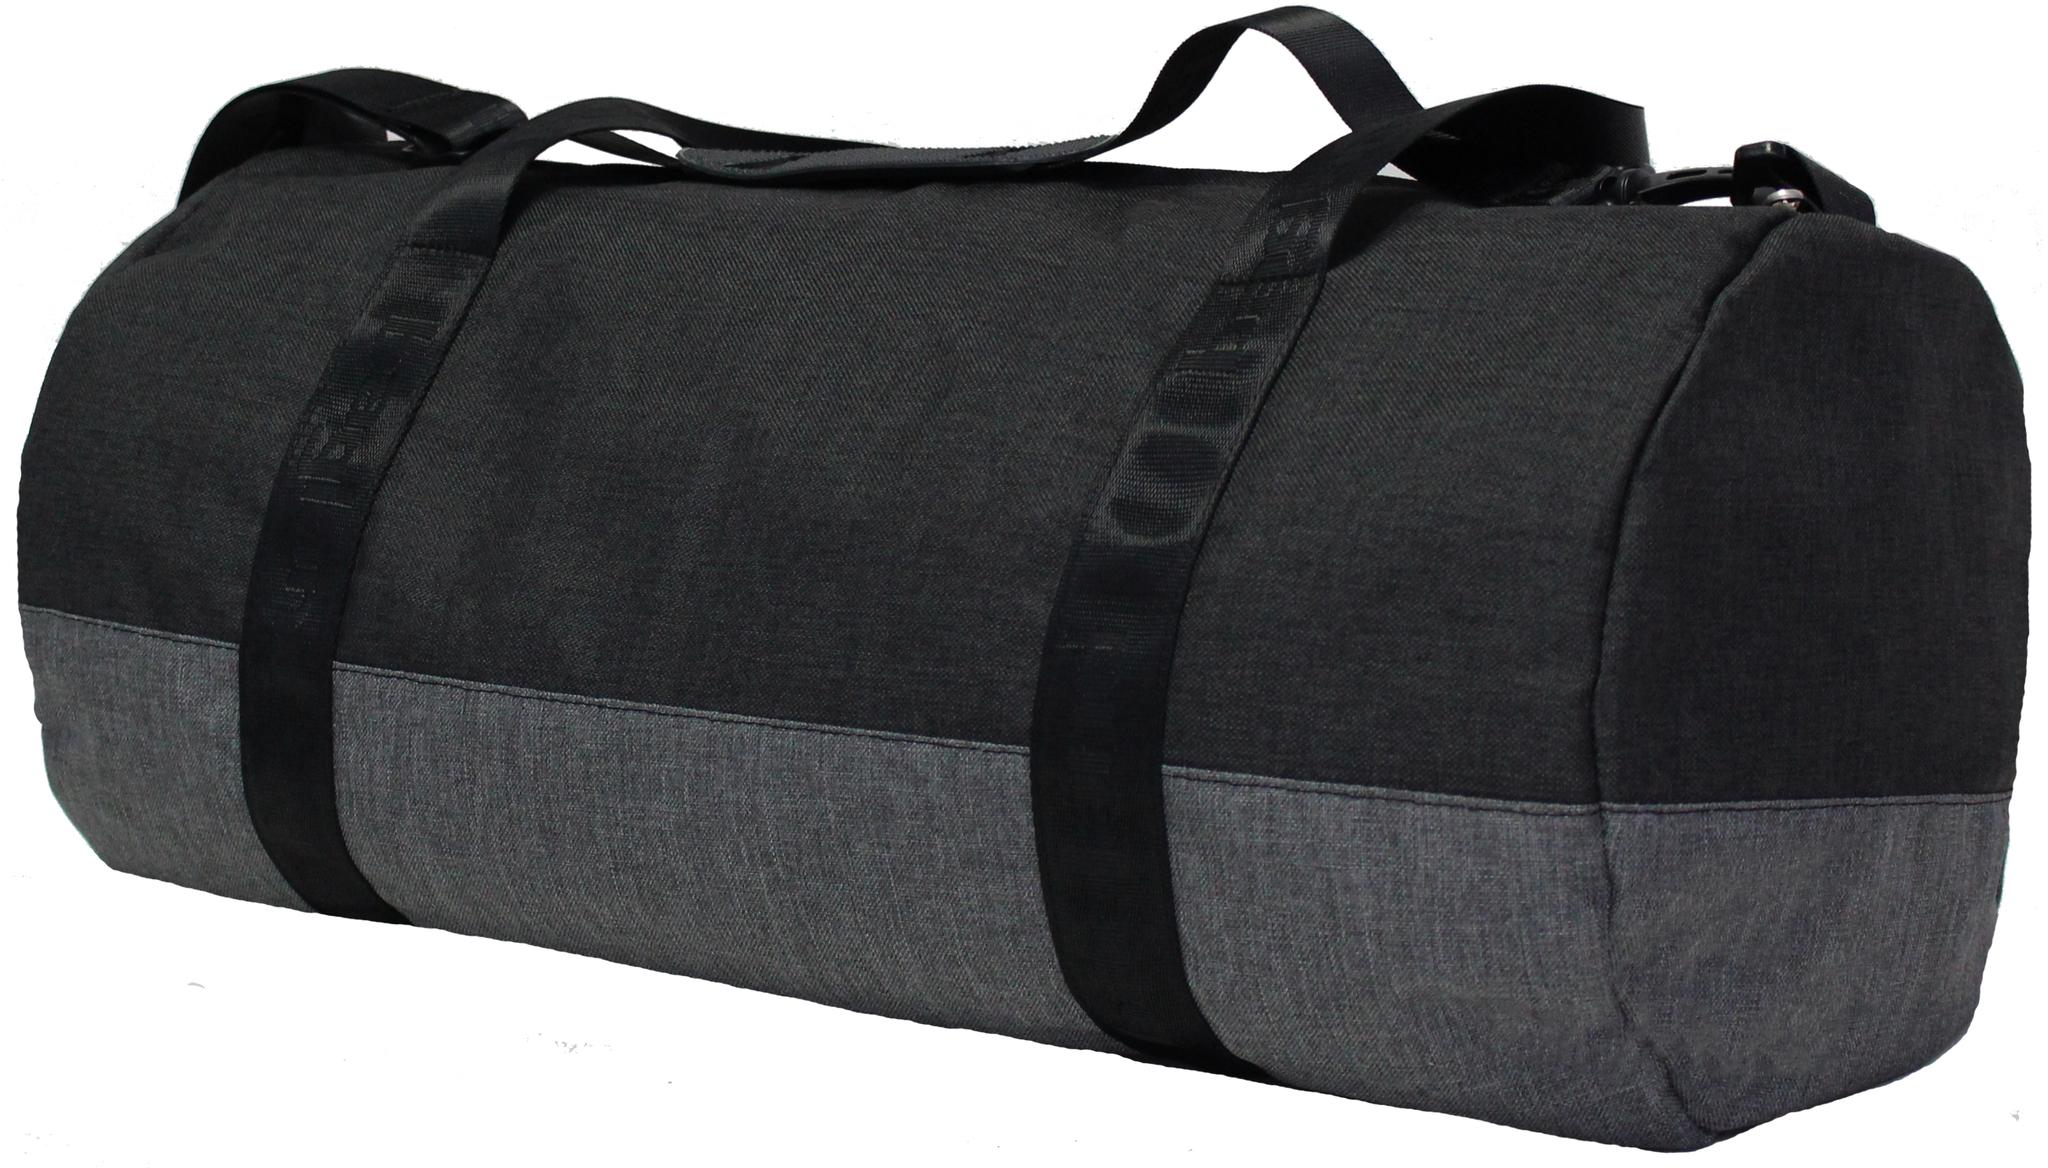 Сумка Bagland Staff 30 л. Чёрный/серый (0030069)